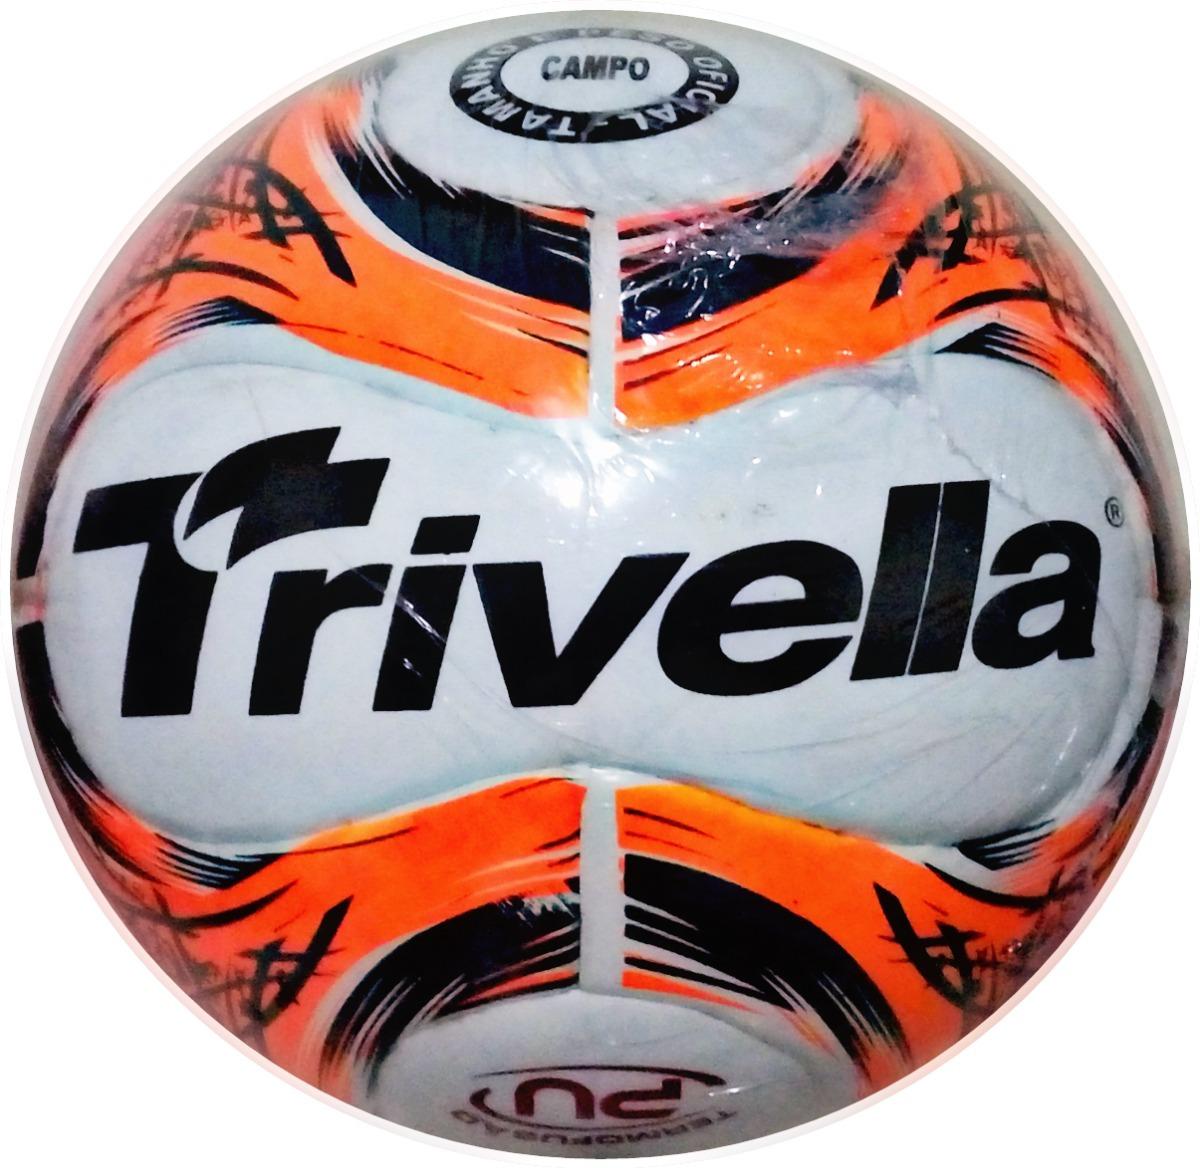 bola futebol campo trivella original promoção - brasil gold. Carregando  zoom. 8795aa3f924e7